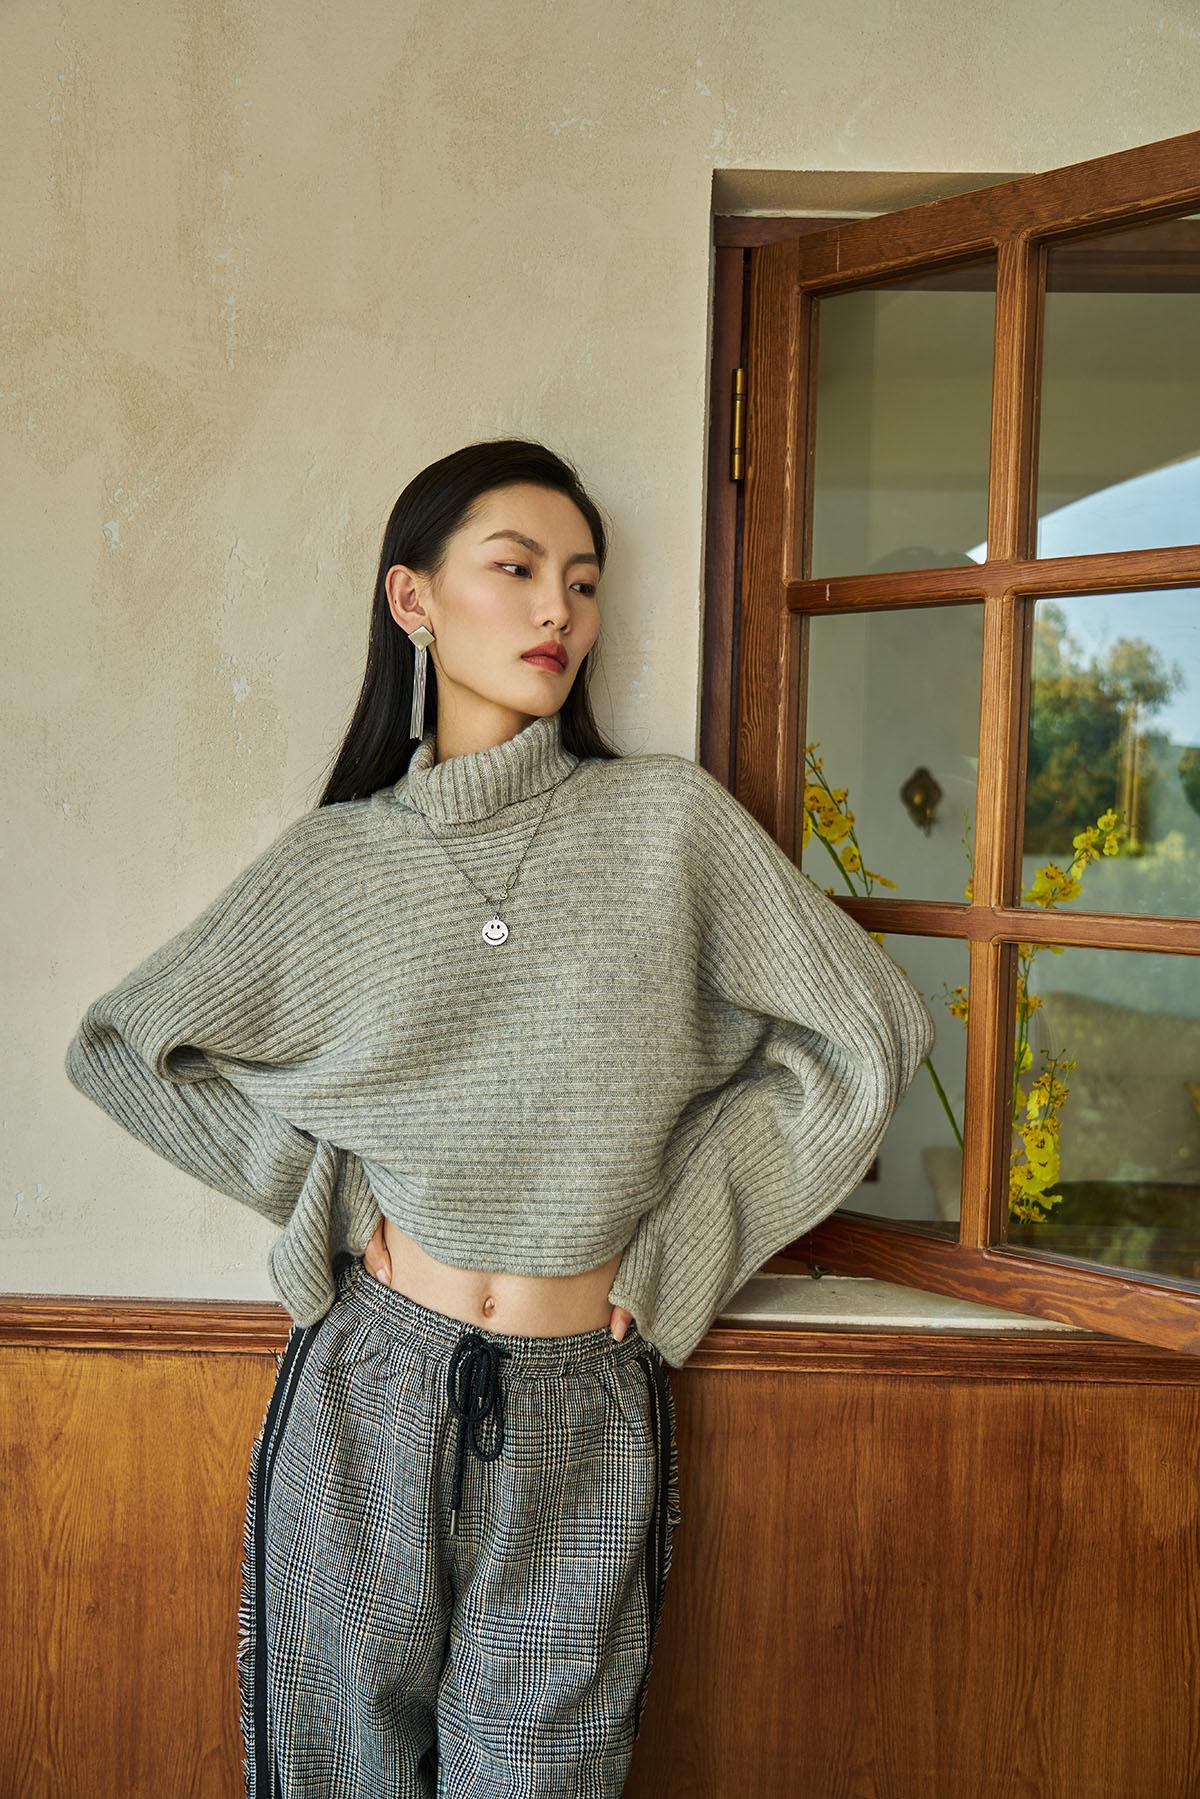 FIFI&LILY秋冬新品 独特的时尚以自由来表达